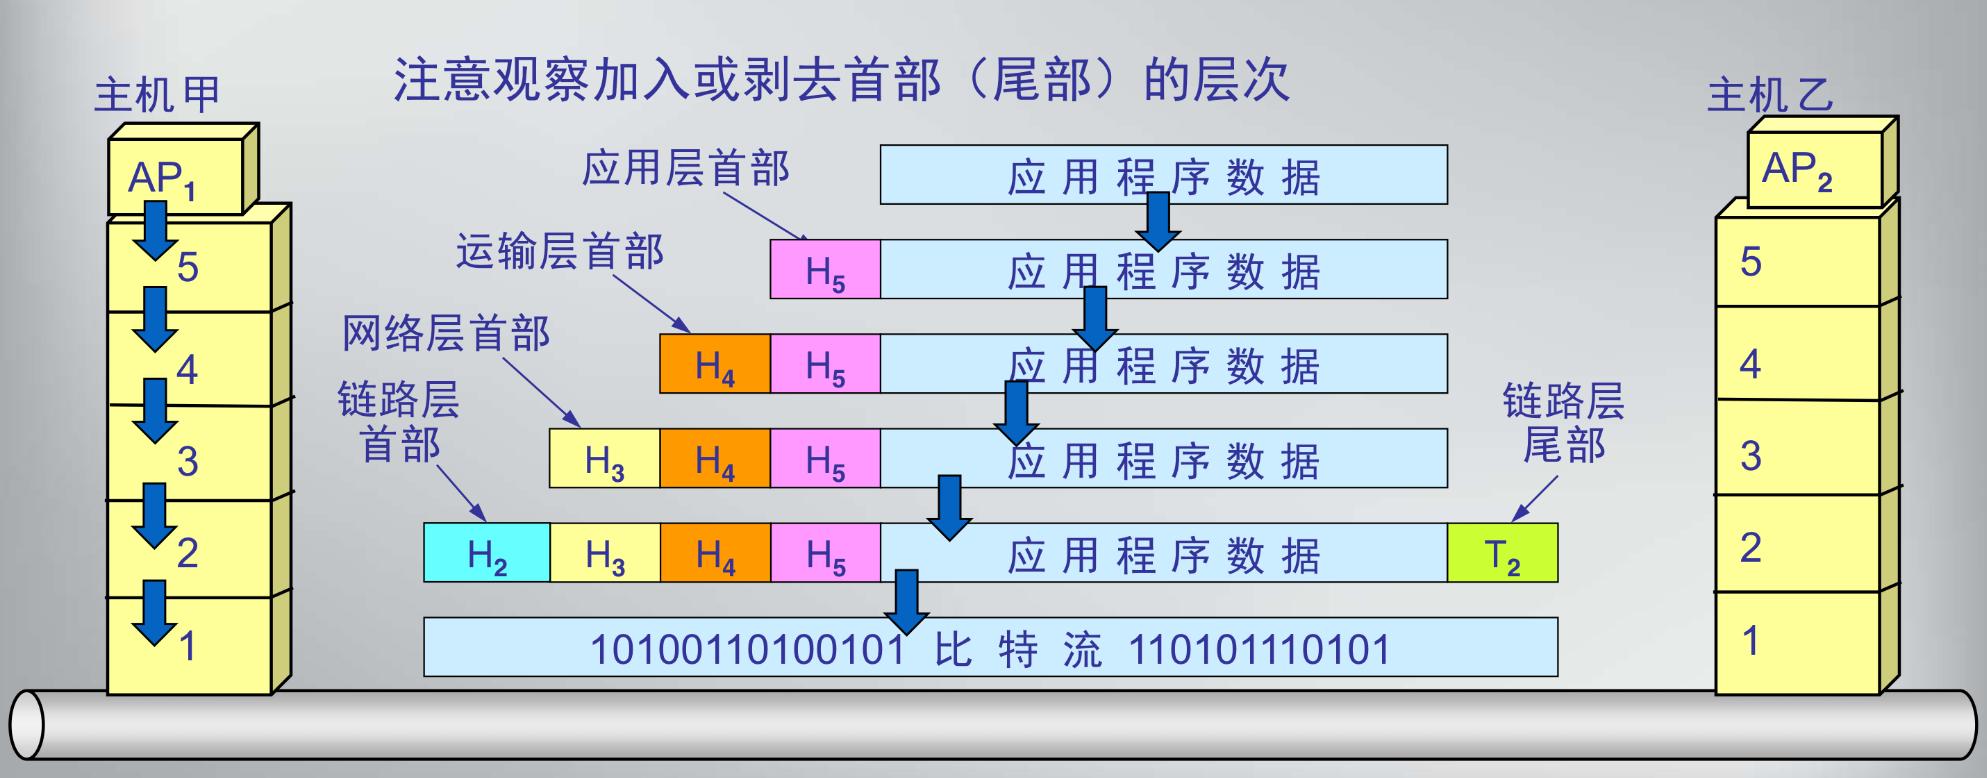 IMG_1836-f690451b-0ba4-4df9-8bb3-83f7d7b4008d-1535522080045-05535995